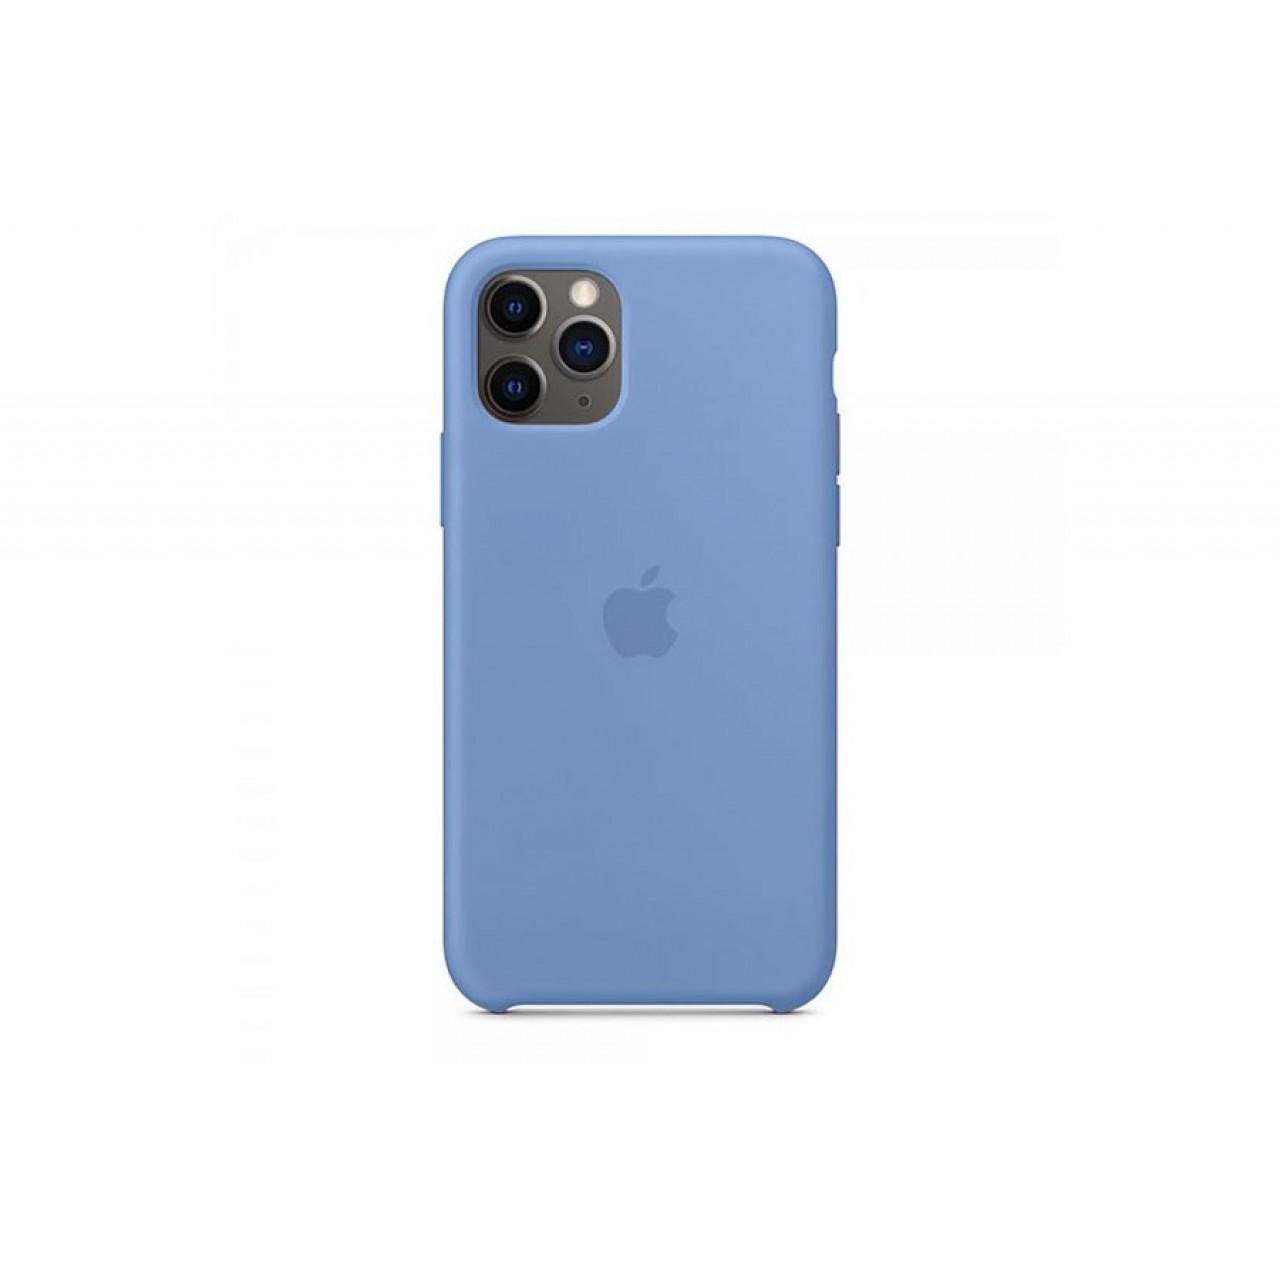 ΘΗΚΗ ΠΡΟΣΤΑΣΙΑΣ ΣΙΛΙΚΟΝΗΣ ΓΙΑ iPhone 11 PRO ΜΠΛΕ ΠΑΣΤΕΛ - BACK COVER SILICON CASE DENIM BLUE - OEM